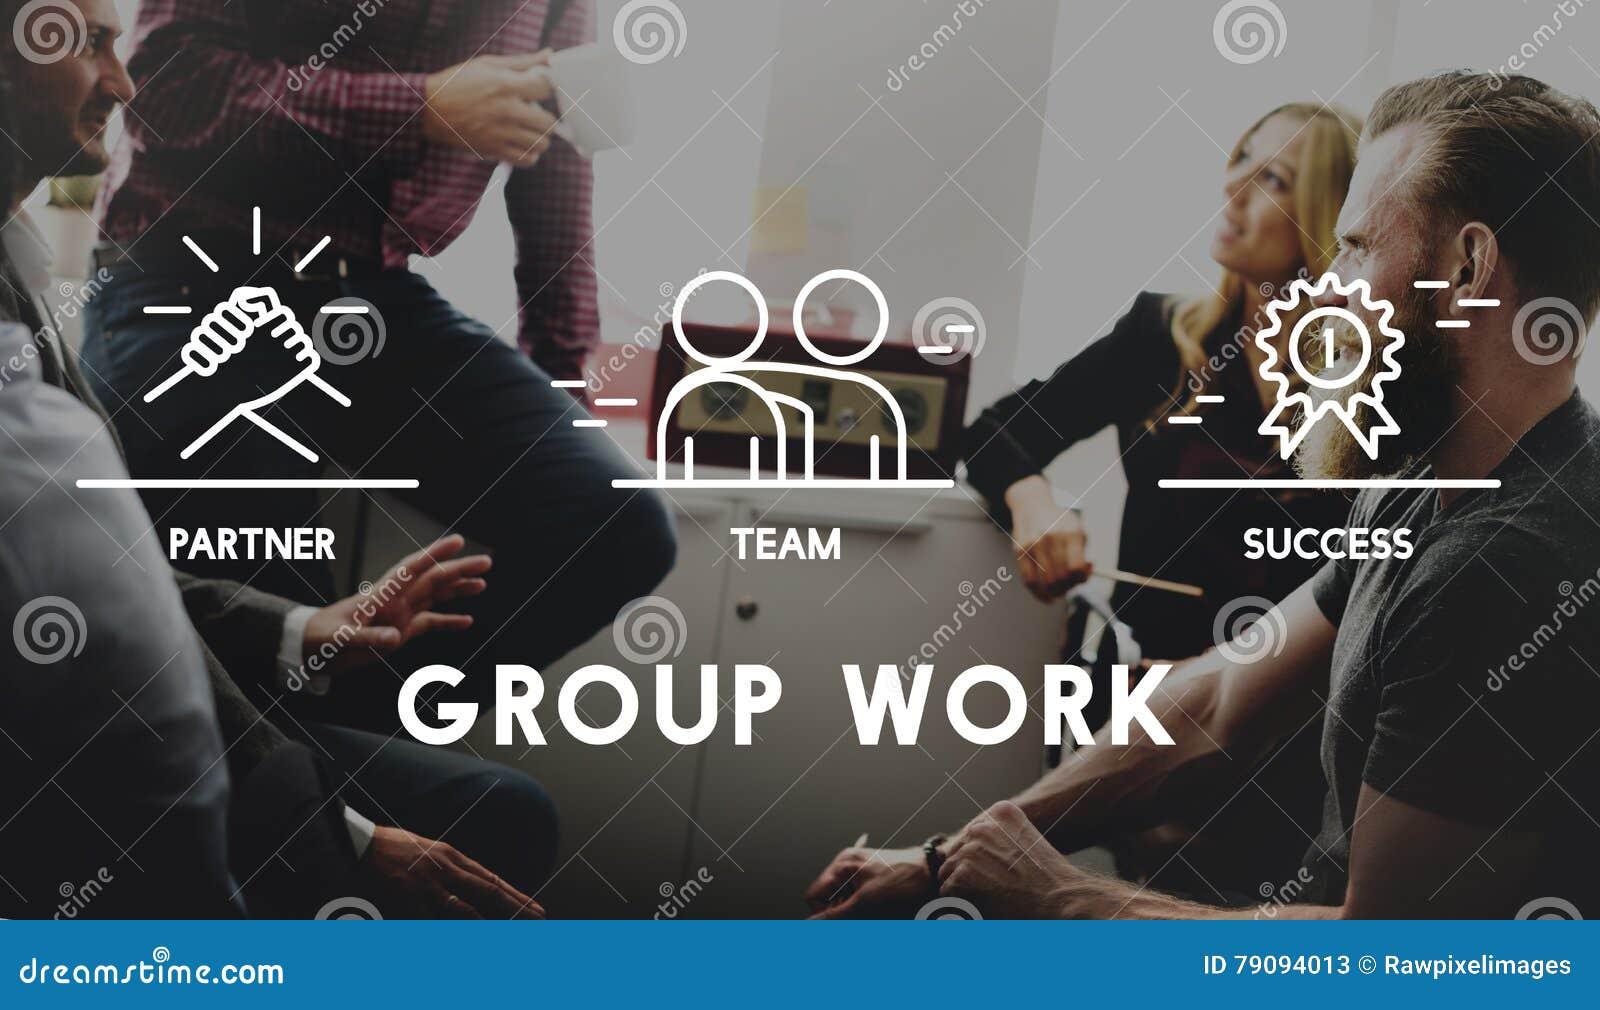 Groupe Team Work Organization Concept